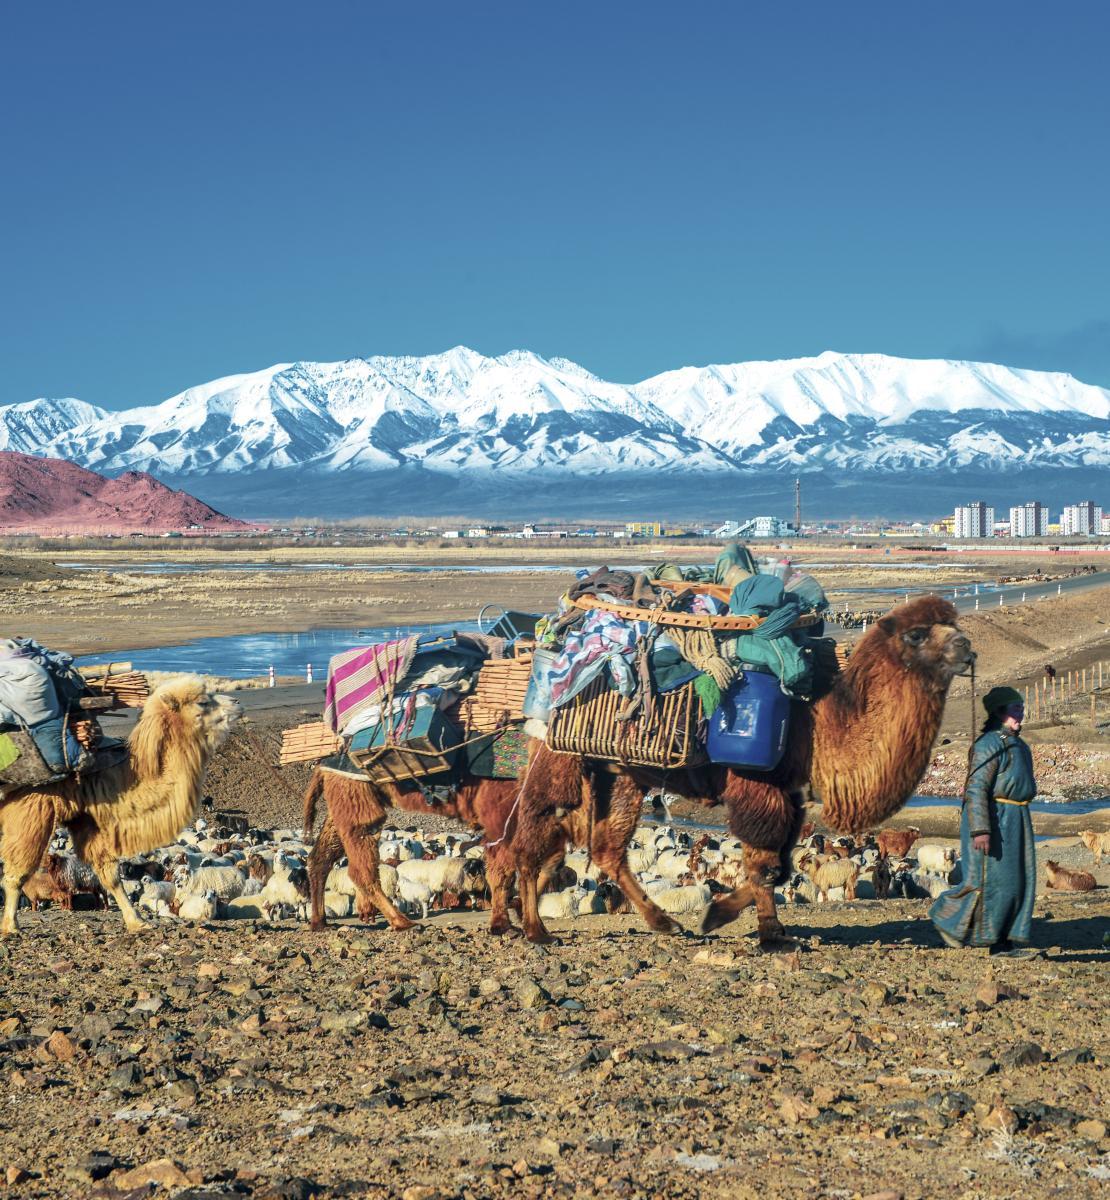 一个人带着几只携带物资的动物在山区附近行走。